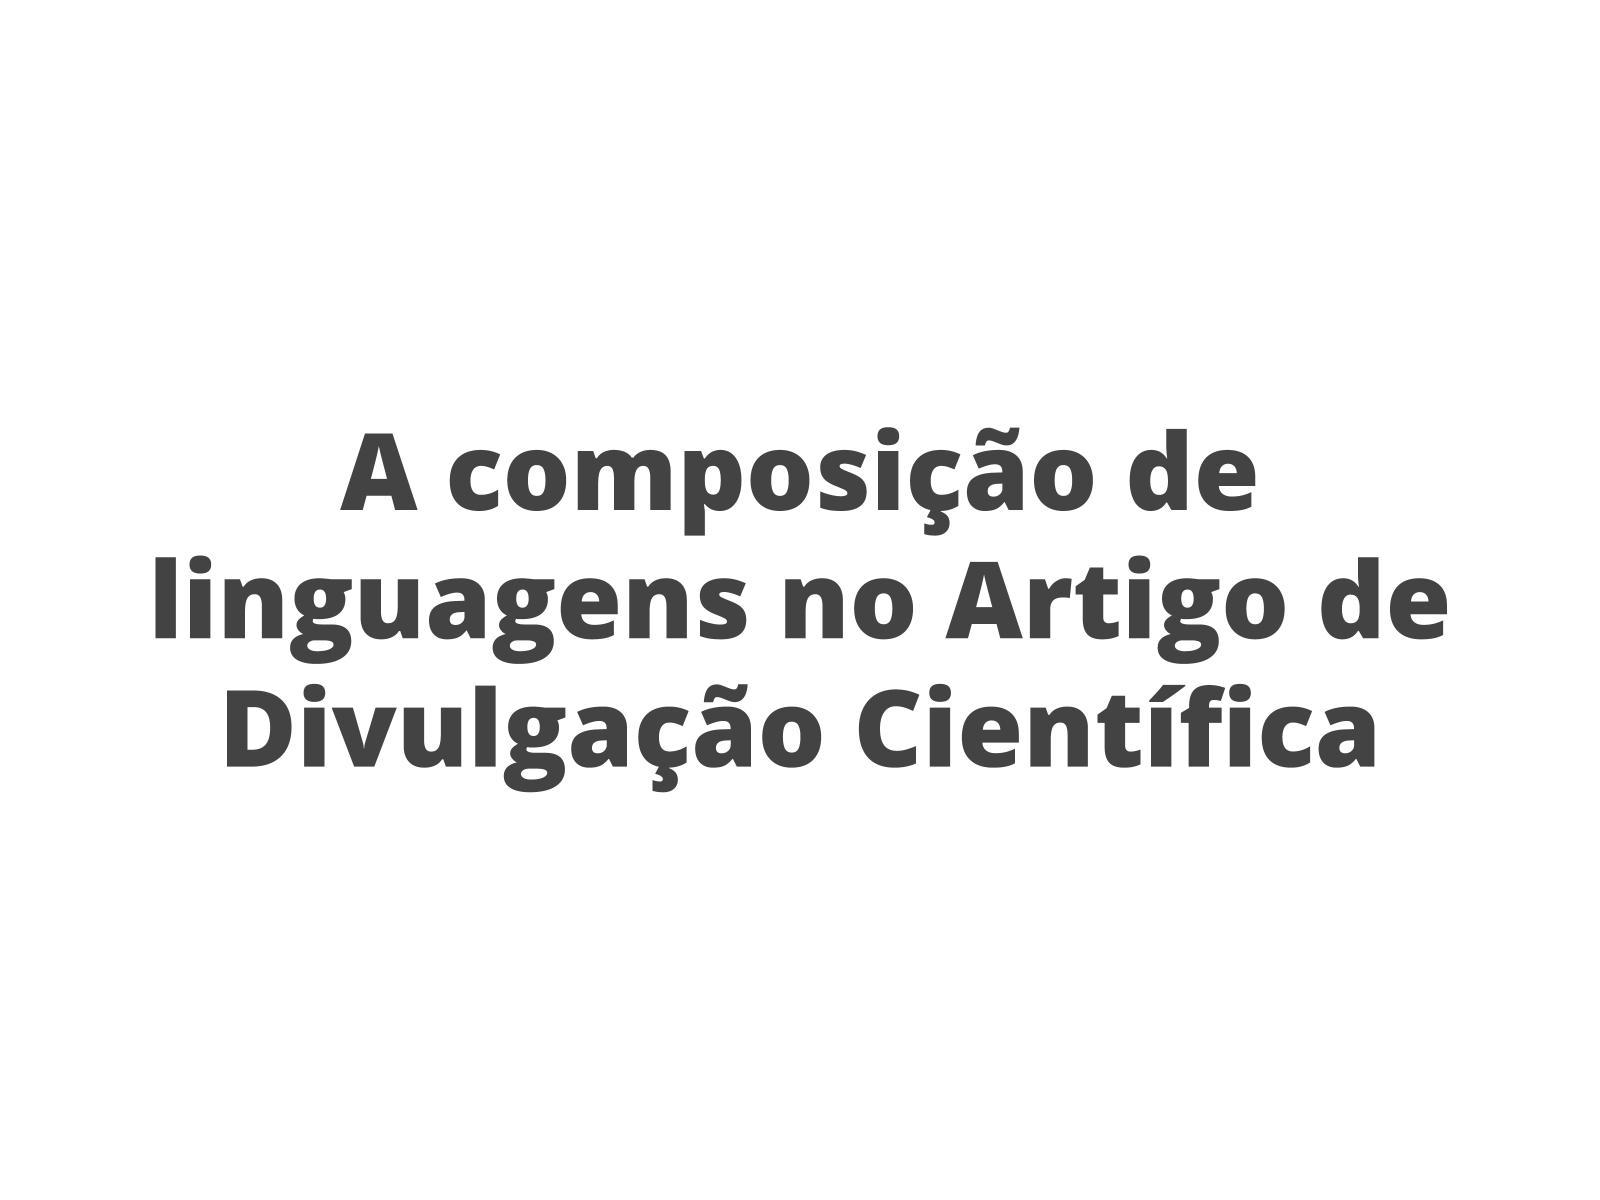 A composição de linguagens no Artigo de Divulgação Científica